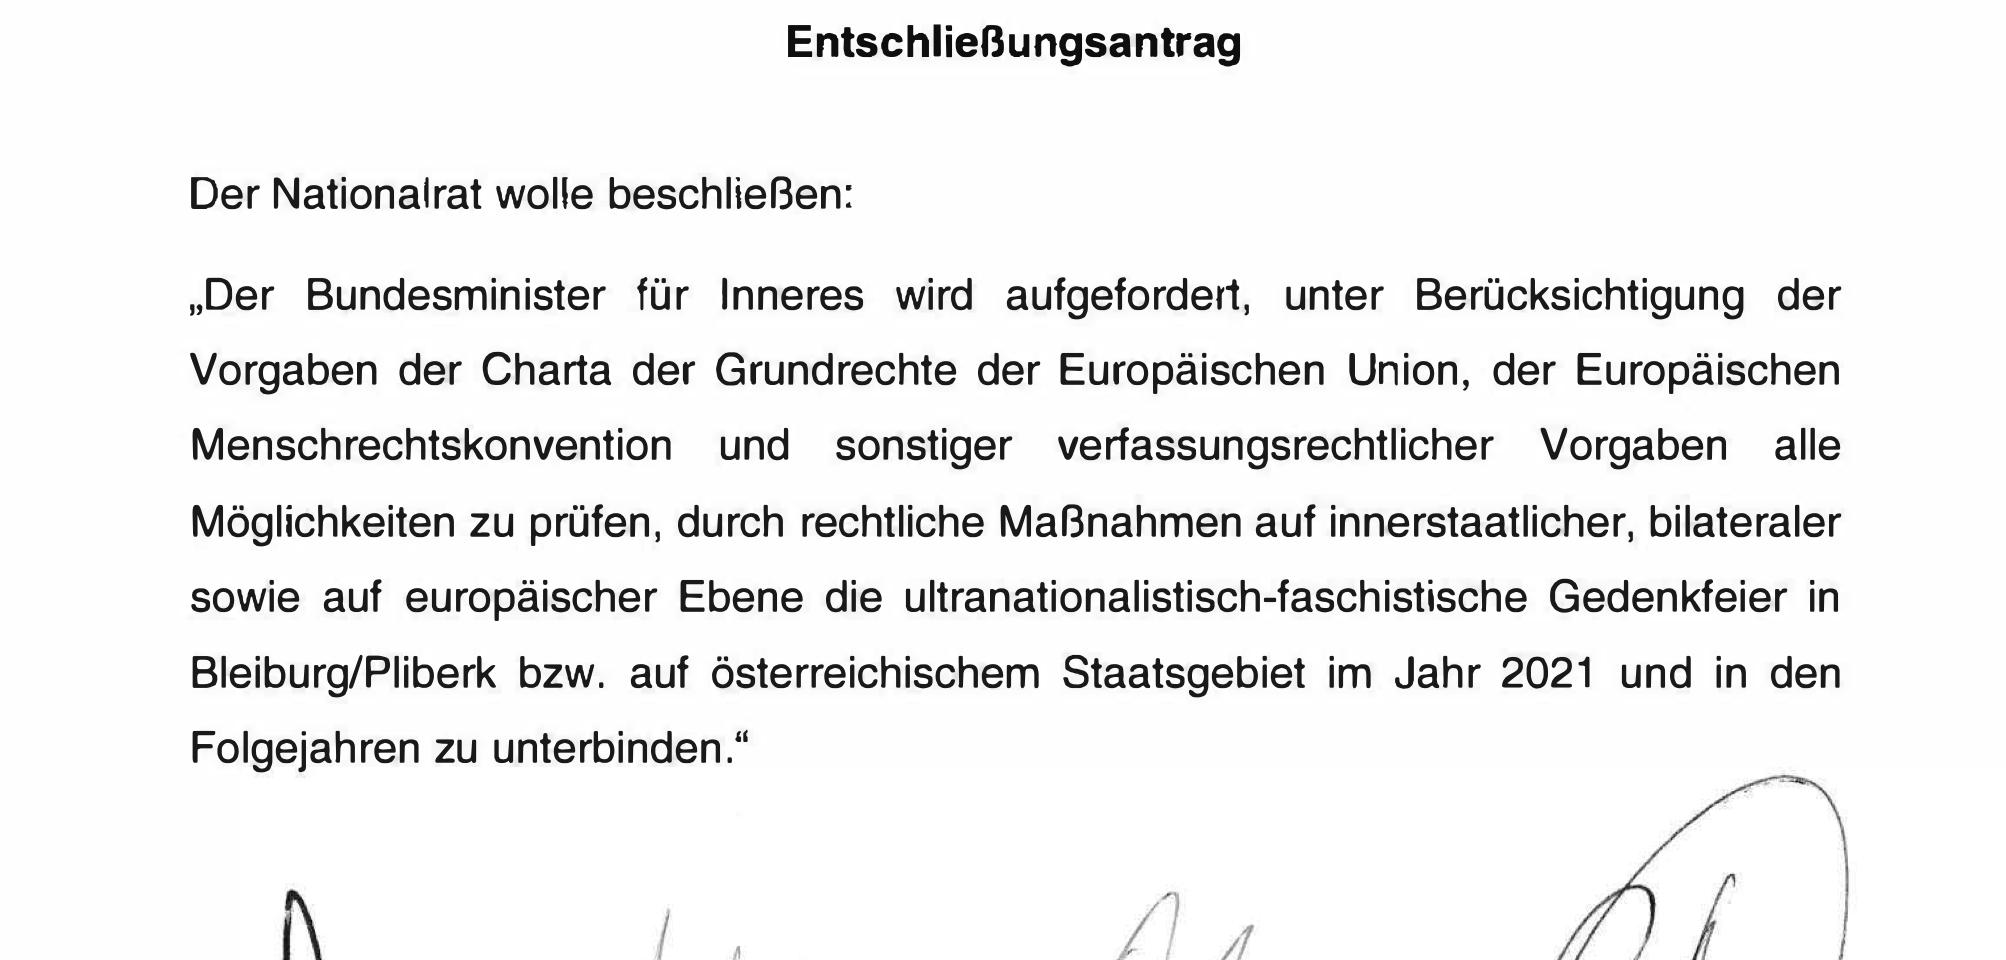 Entschließungsantrag zum Ustascha-Treffen in Bleiburg/Pliberk